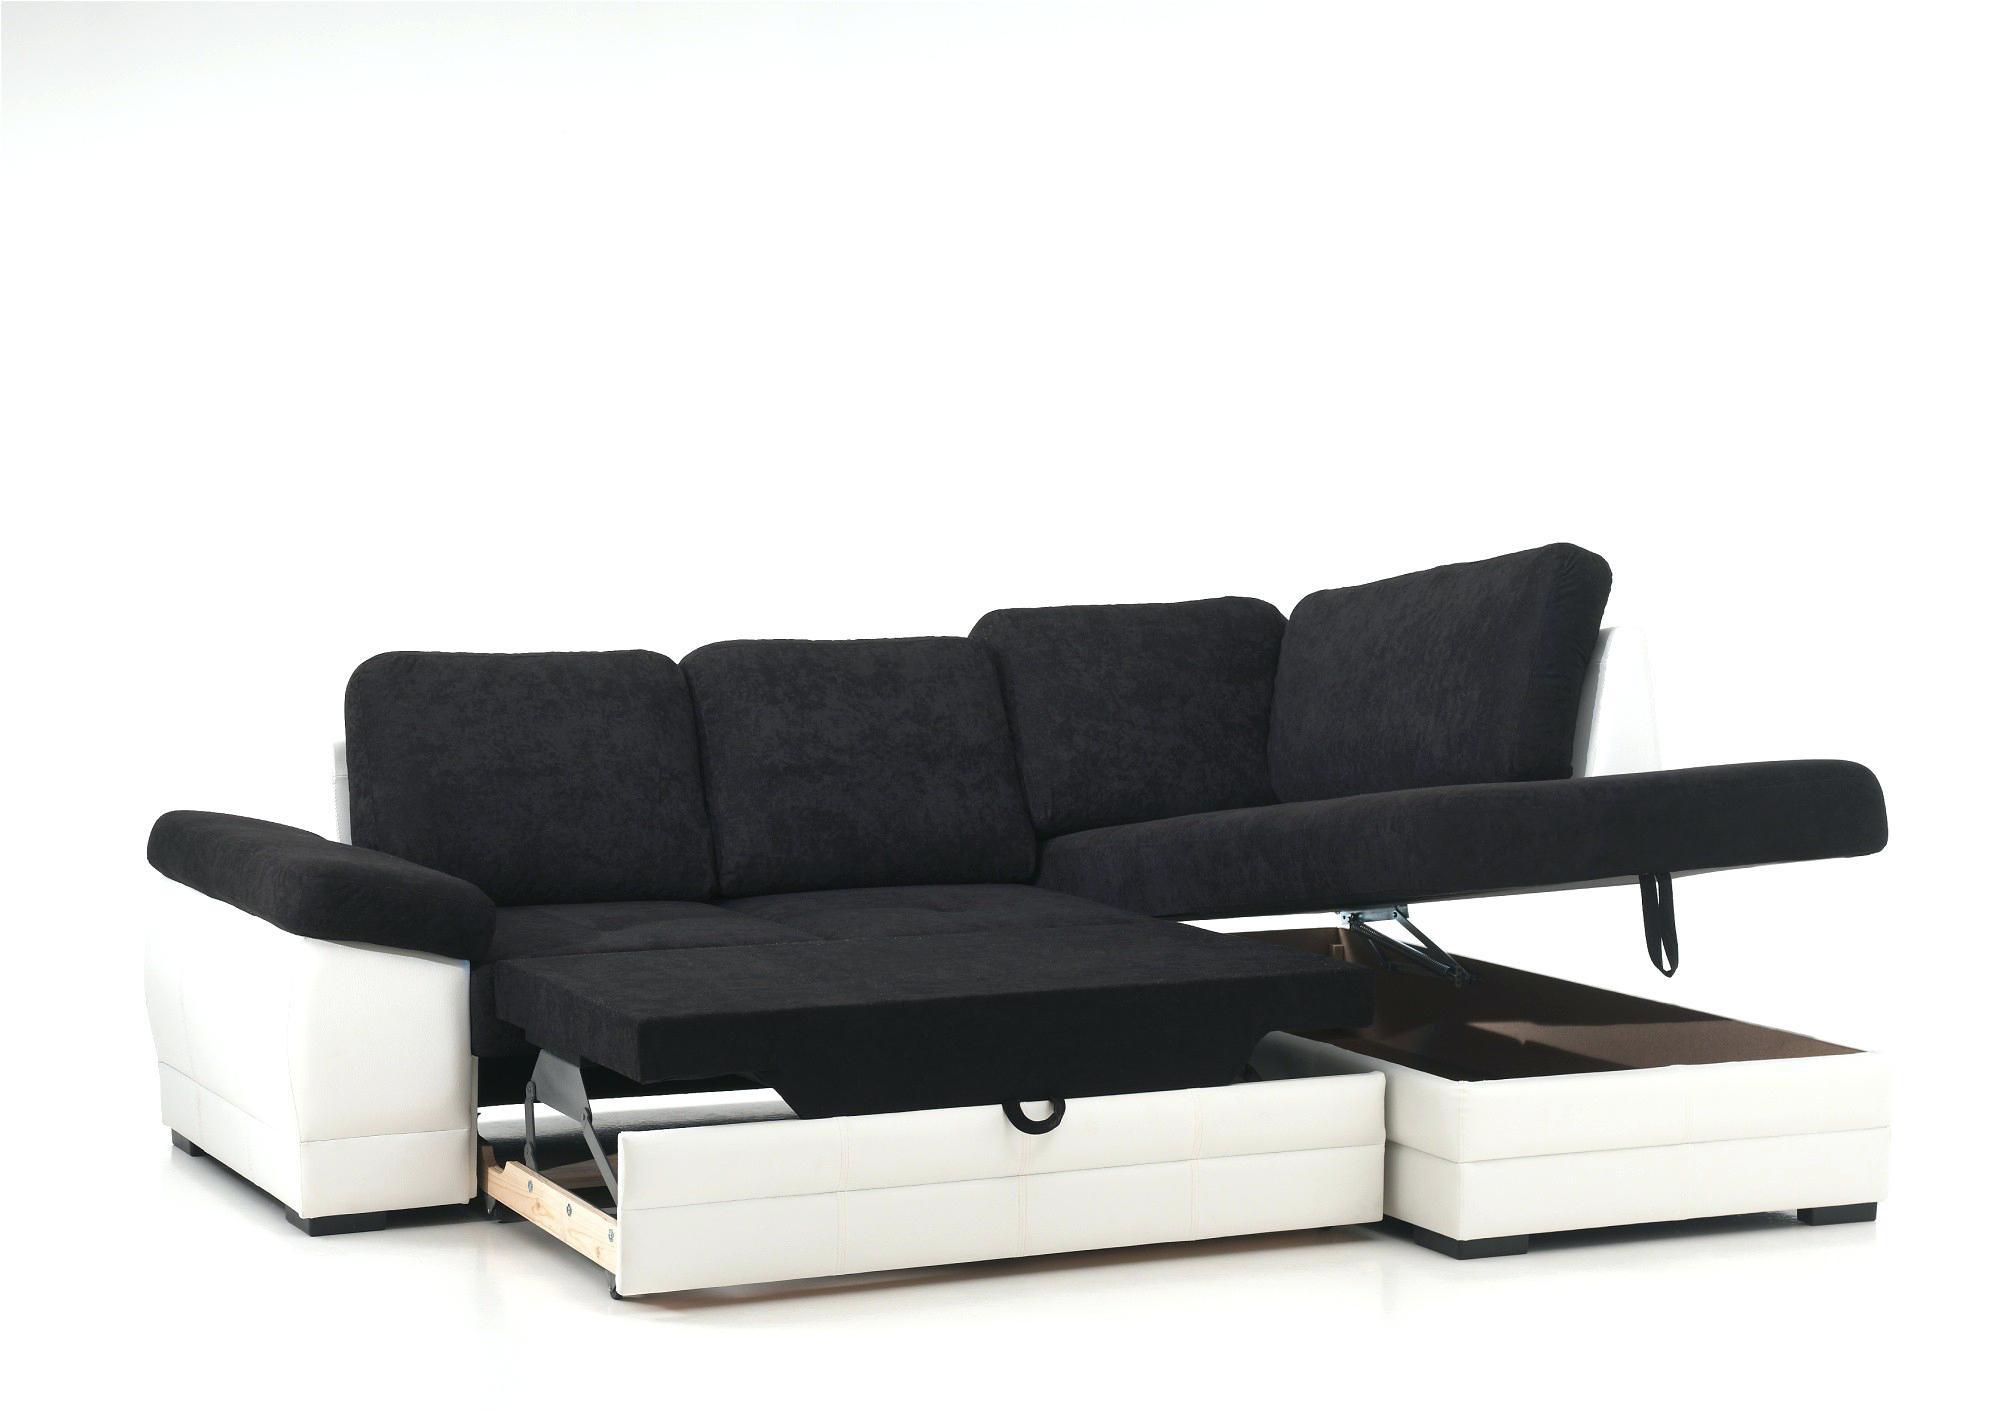 Housse Canapé togo Inspirant Photos Luxe De Canapé Lit Pas Cher Concept Idées De Table